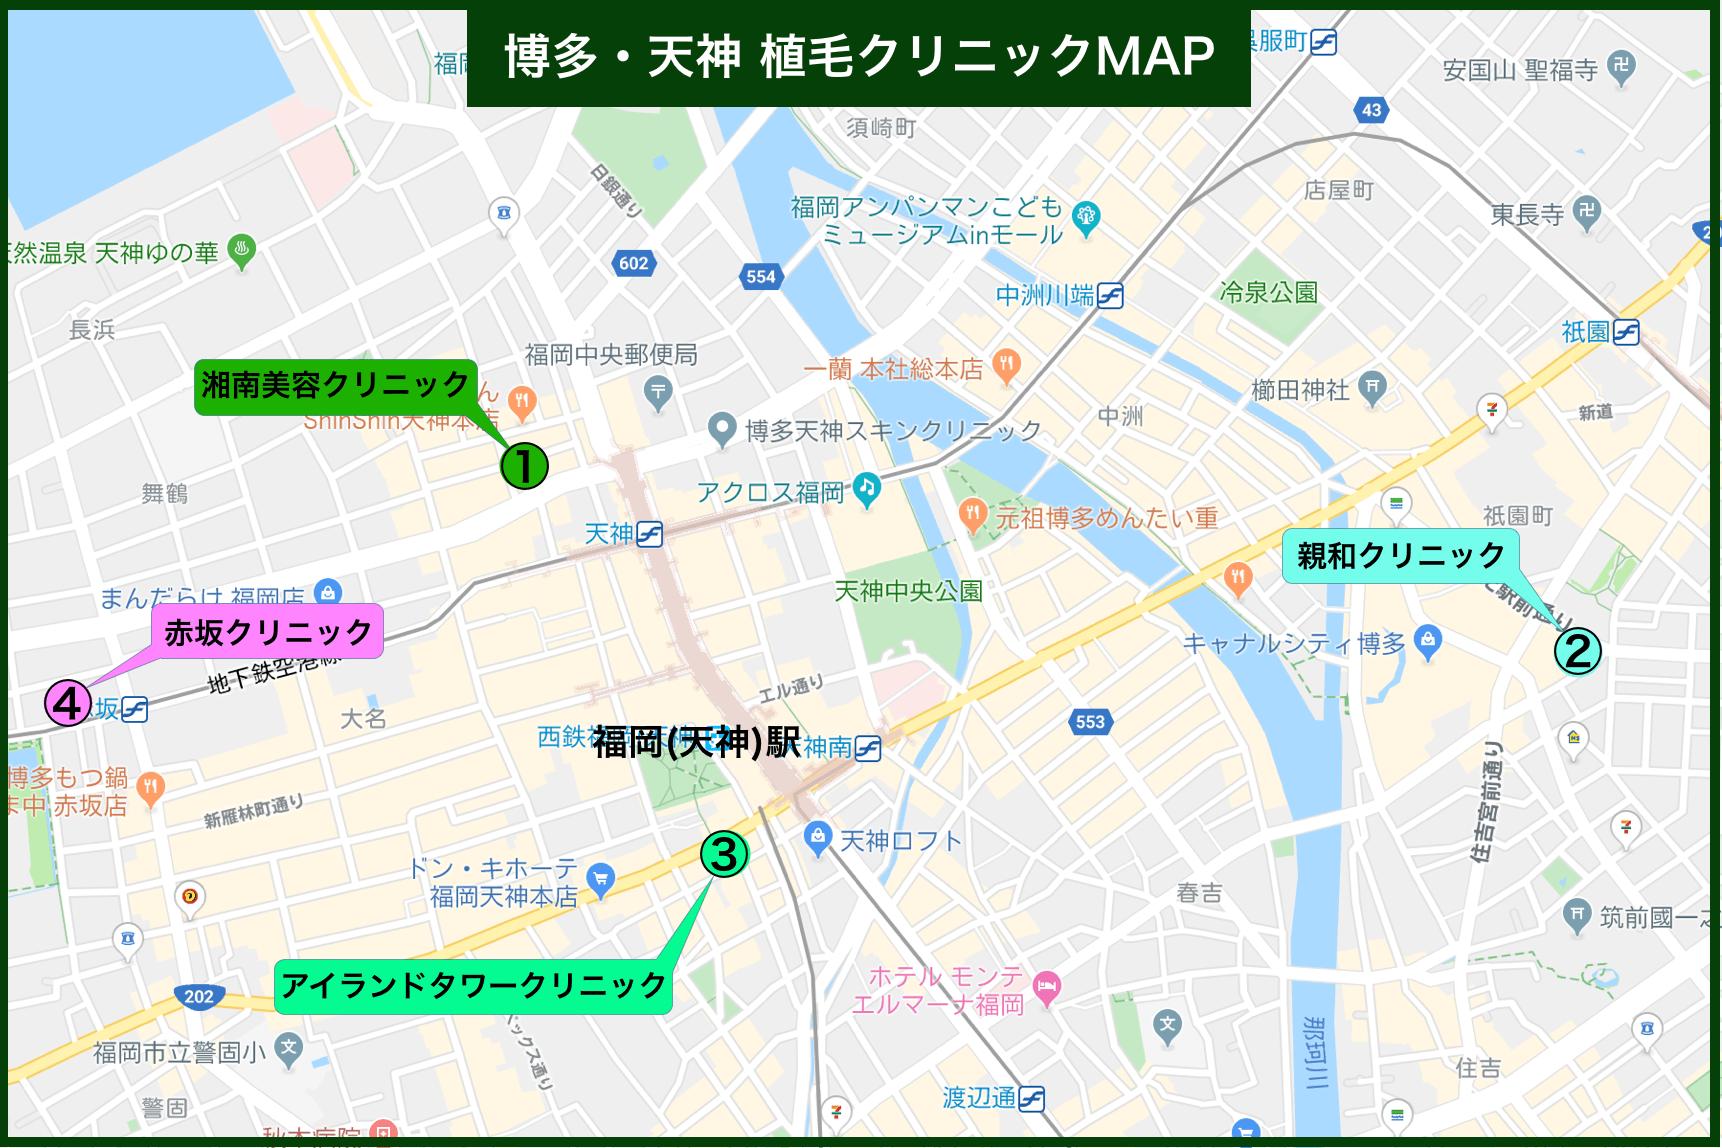 博多・天神 植毛クリニックMAP(2020年2月版)